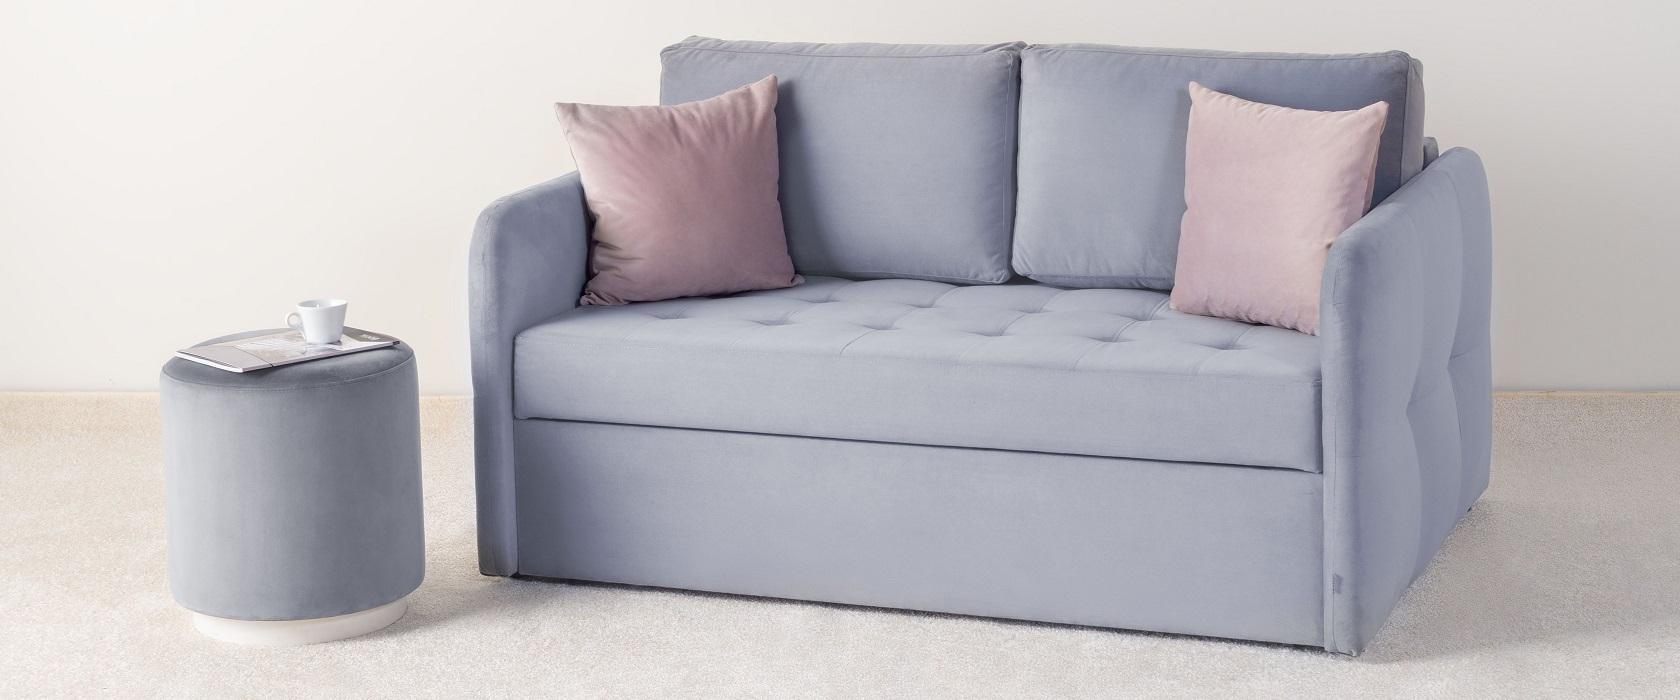 Двухместный диван Gracia - Фото 2 - Pufetto